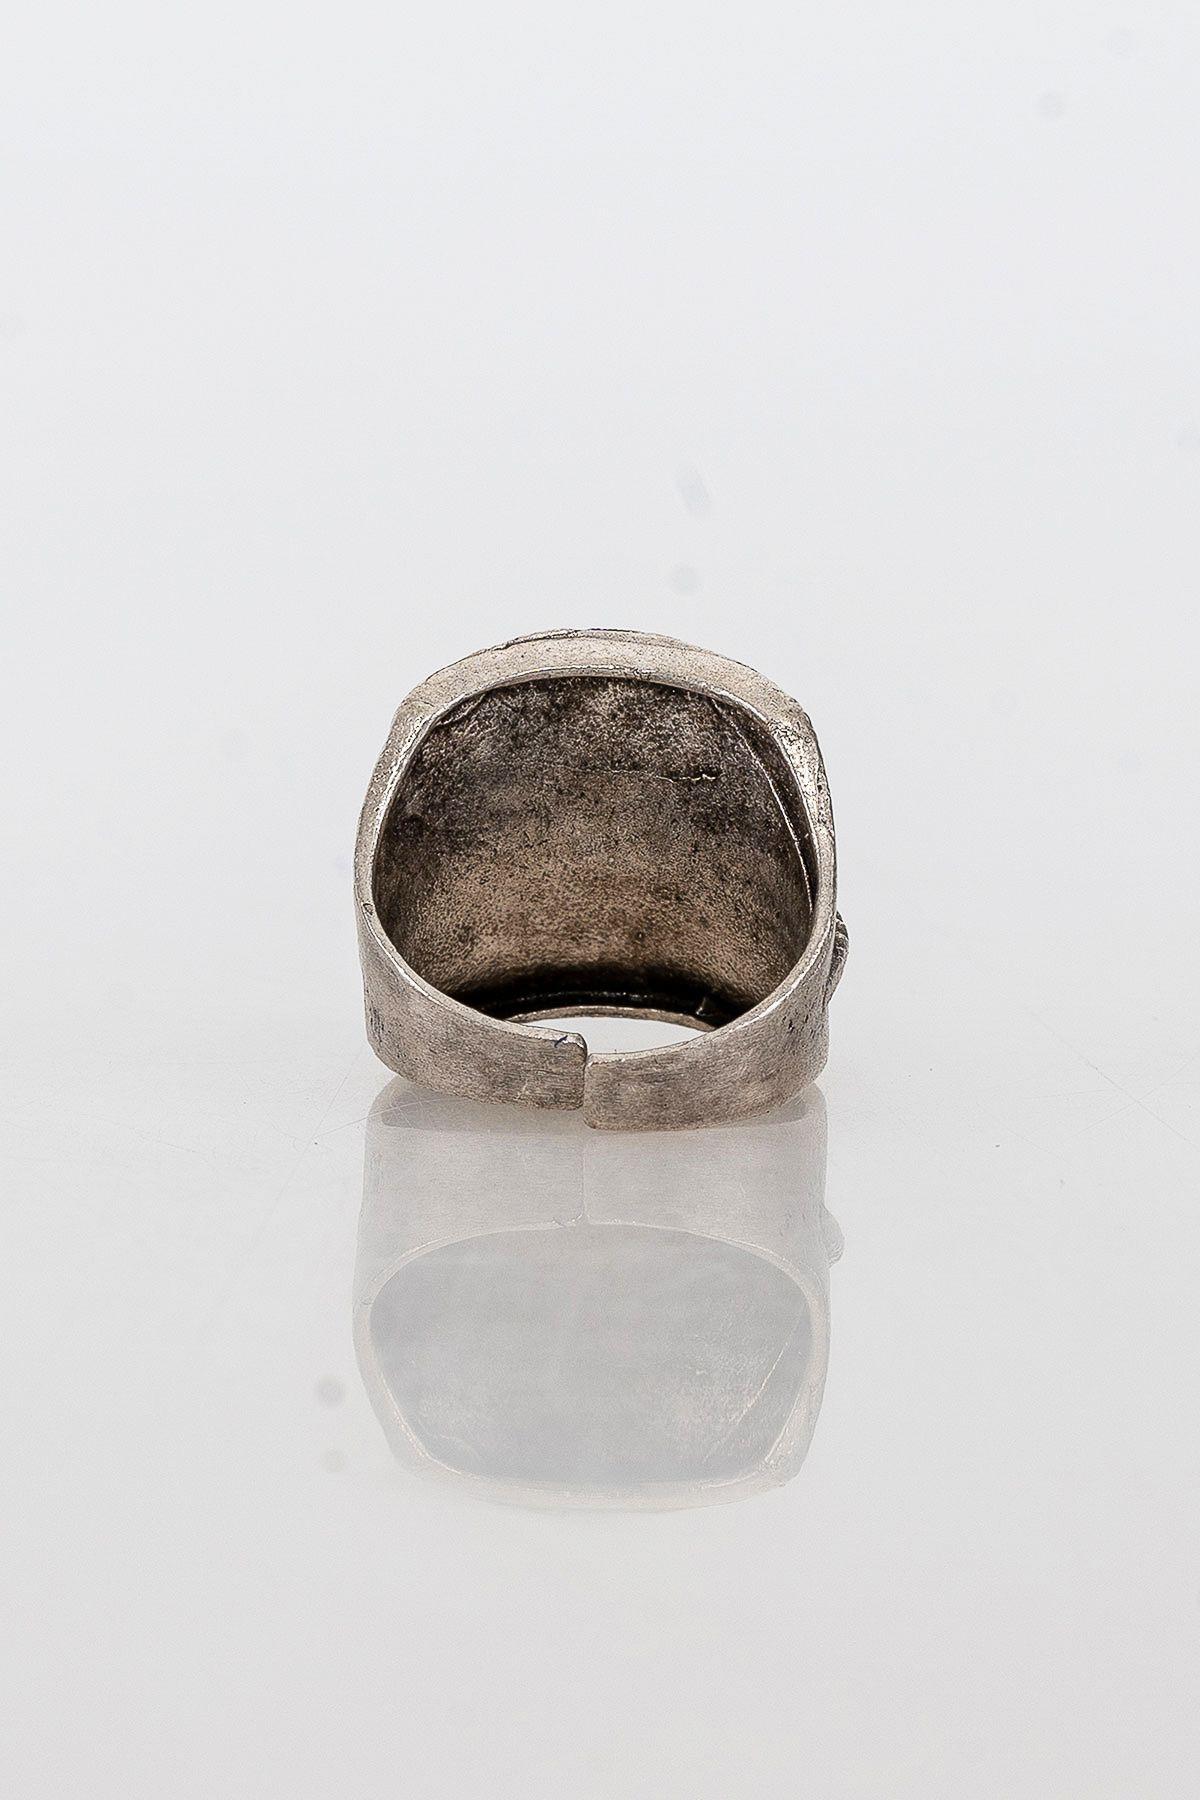 Pegia Deri Çantalı Vintage Tasarım Yüzük 19YZ13 Gümüş